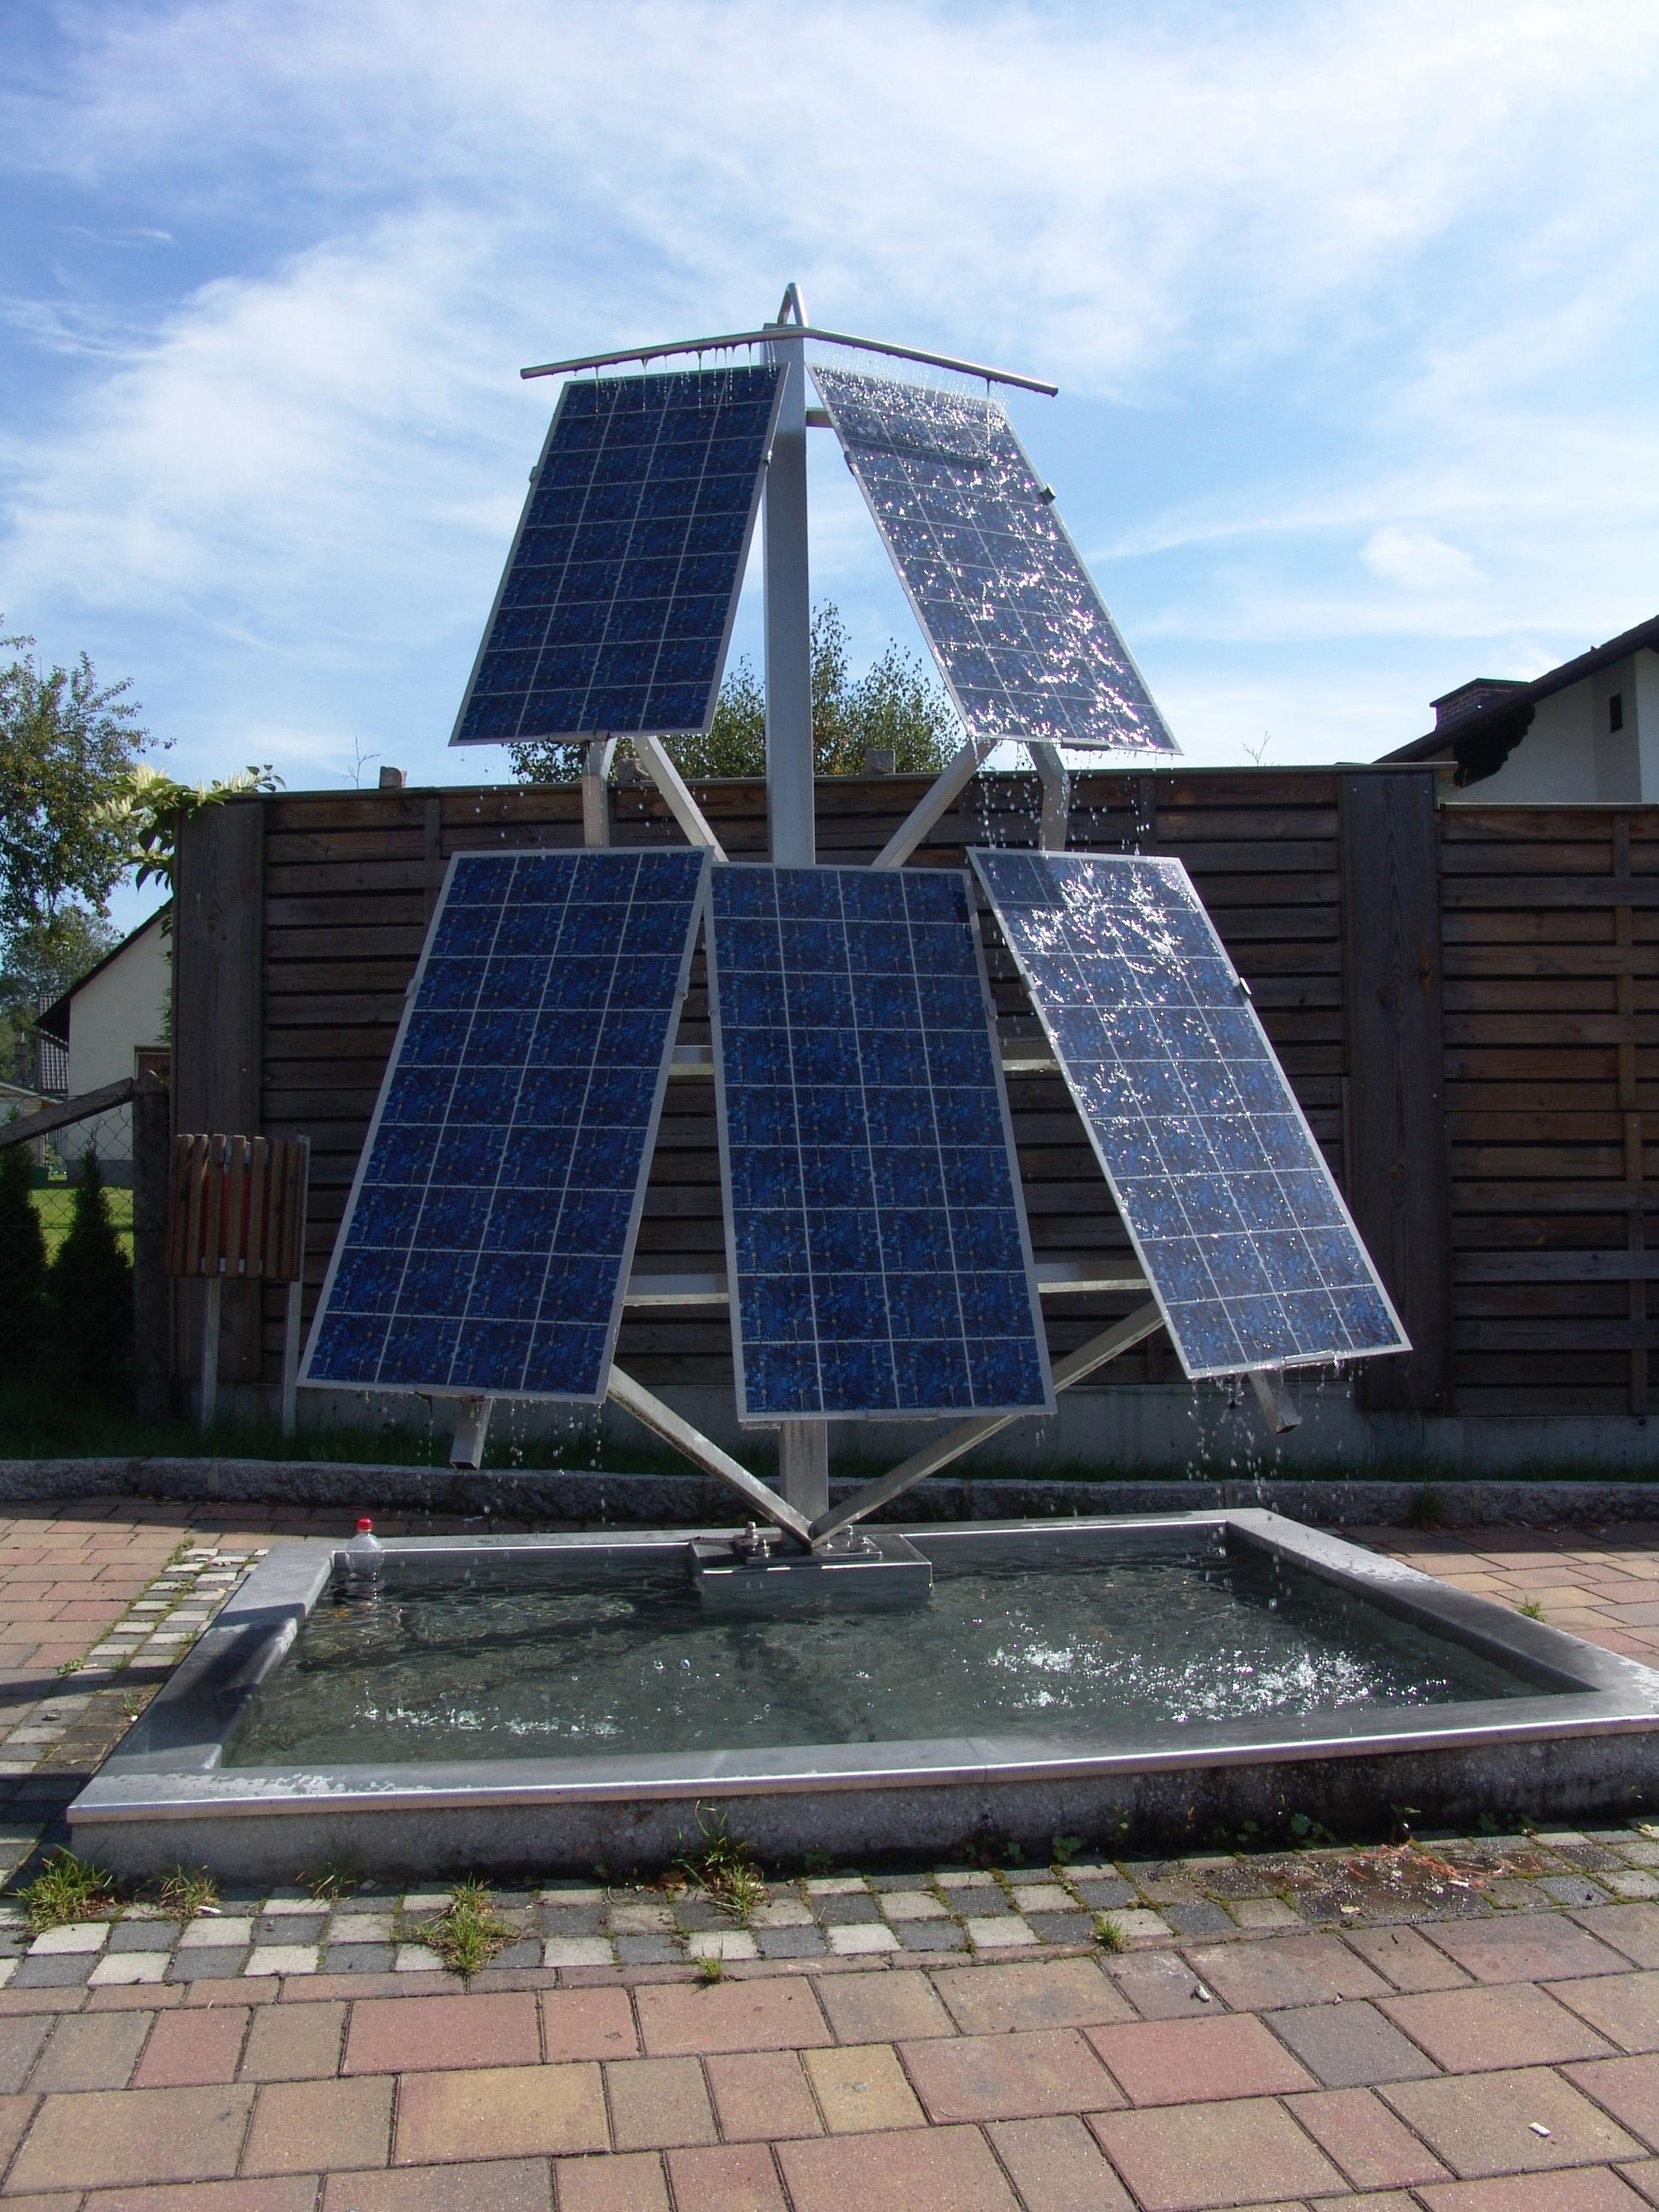 Photovoltaik-Brunnen in Admont Steiermark © Isabella Lukasser